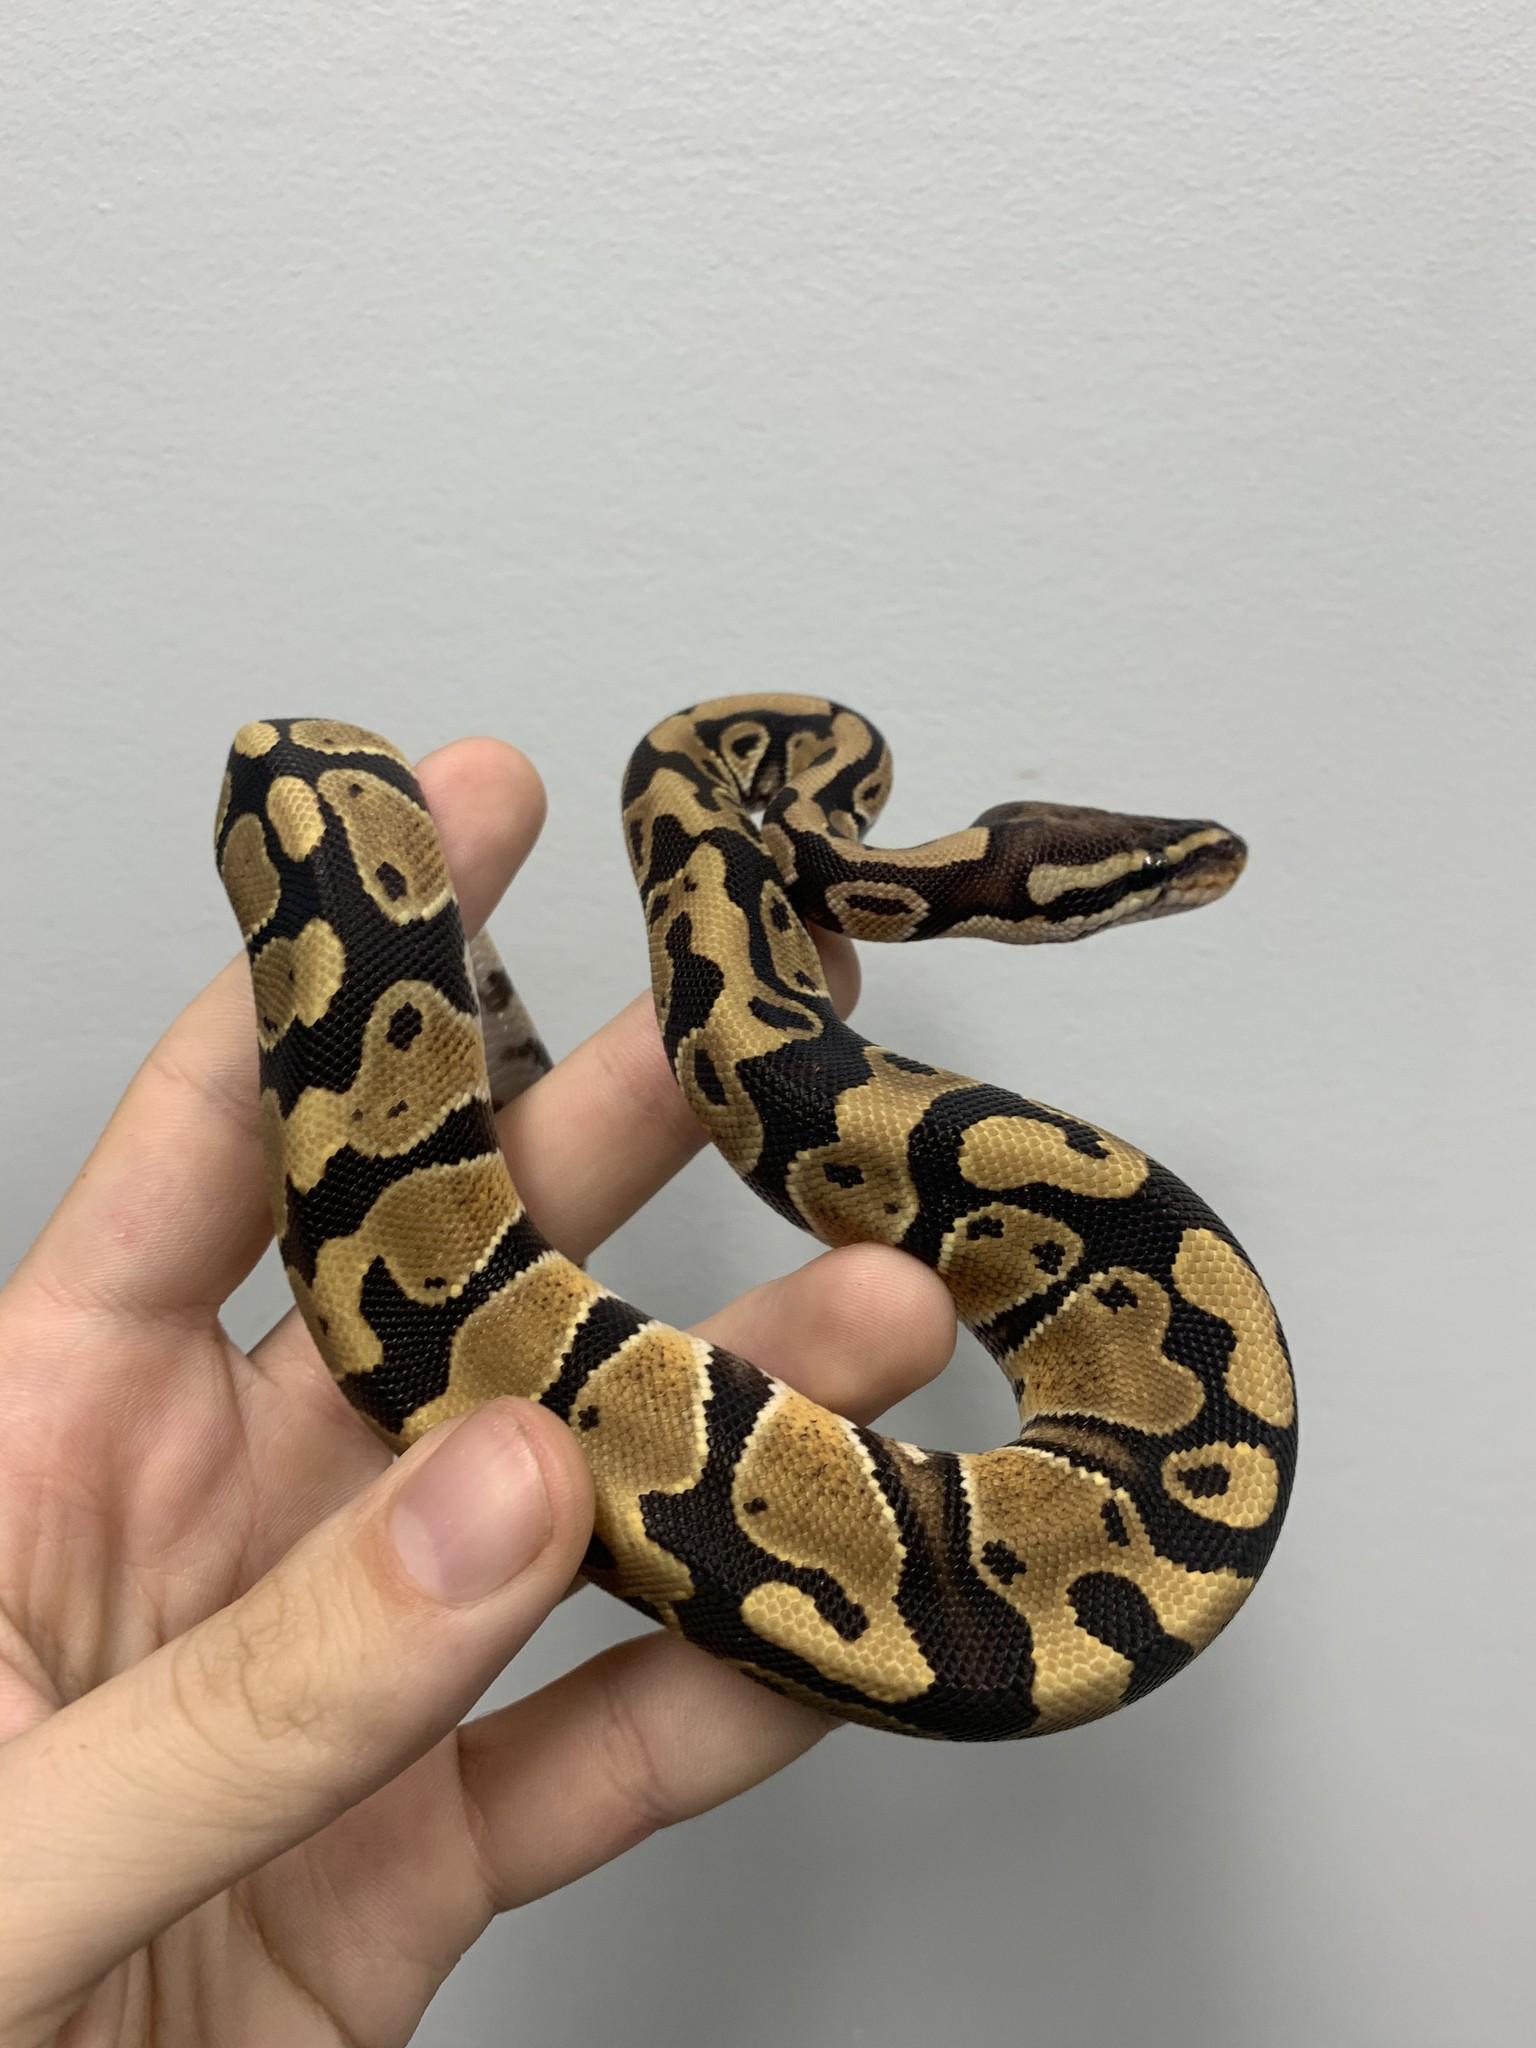 1.0 Ball Python Het Desert Ghost/Lavander/Hypo